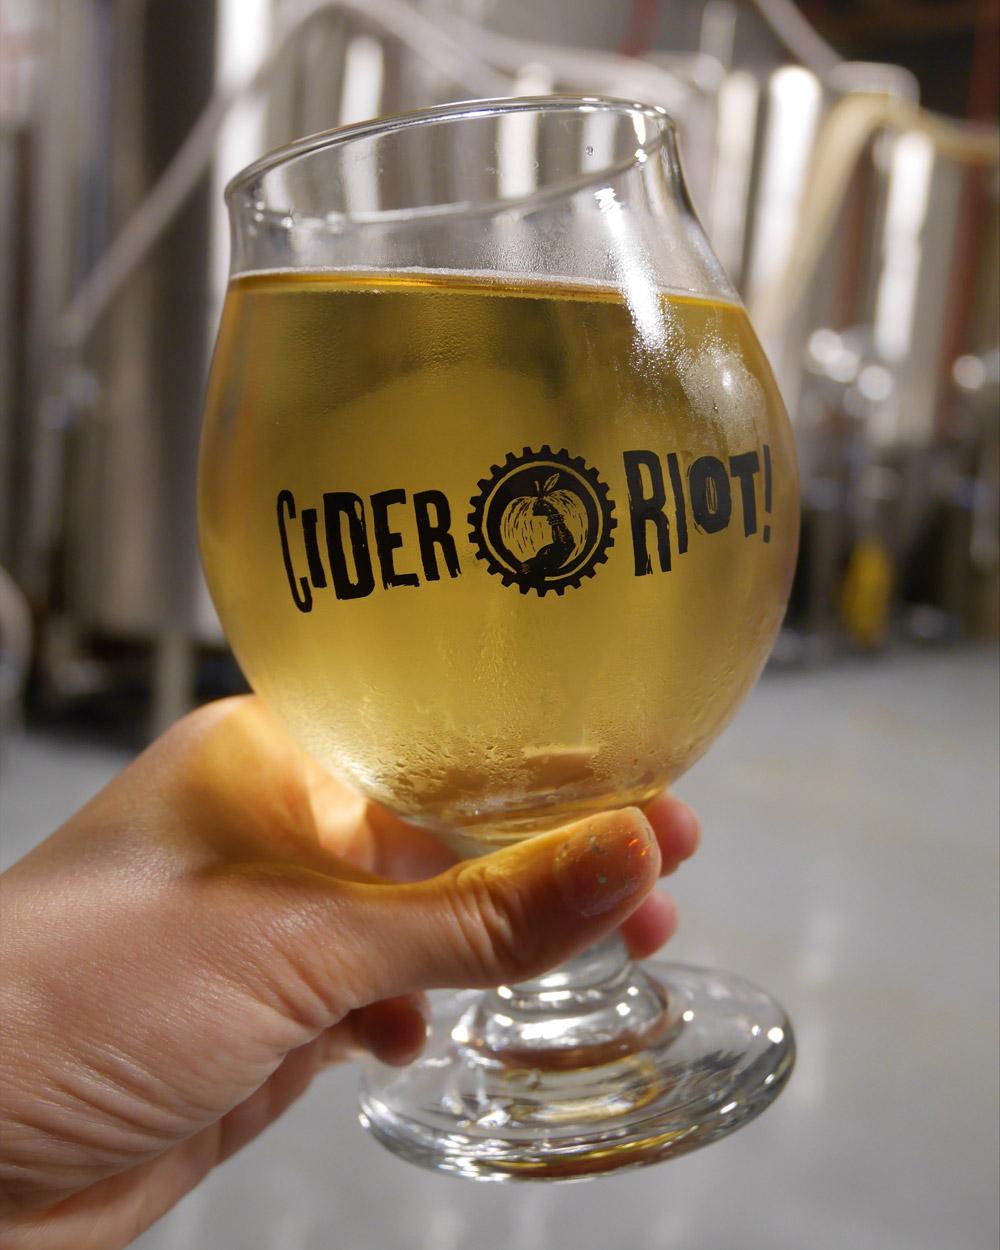 Cider Riot! Everyday Cider